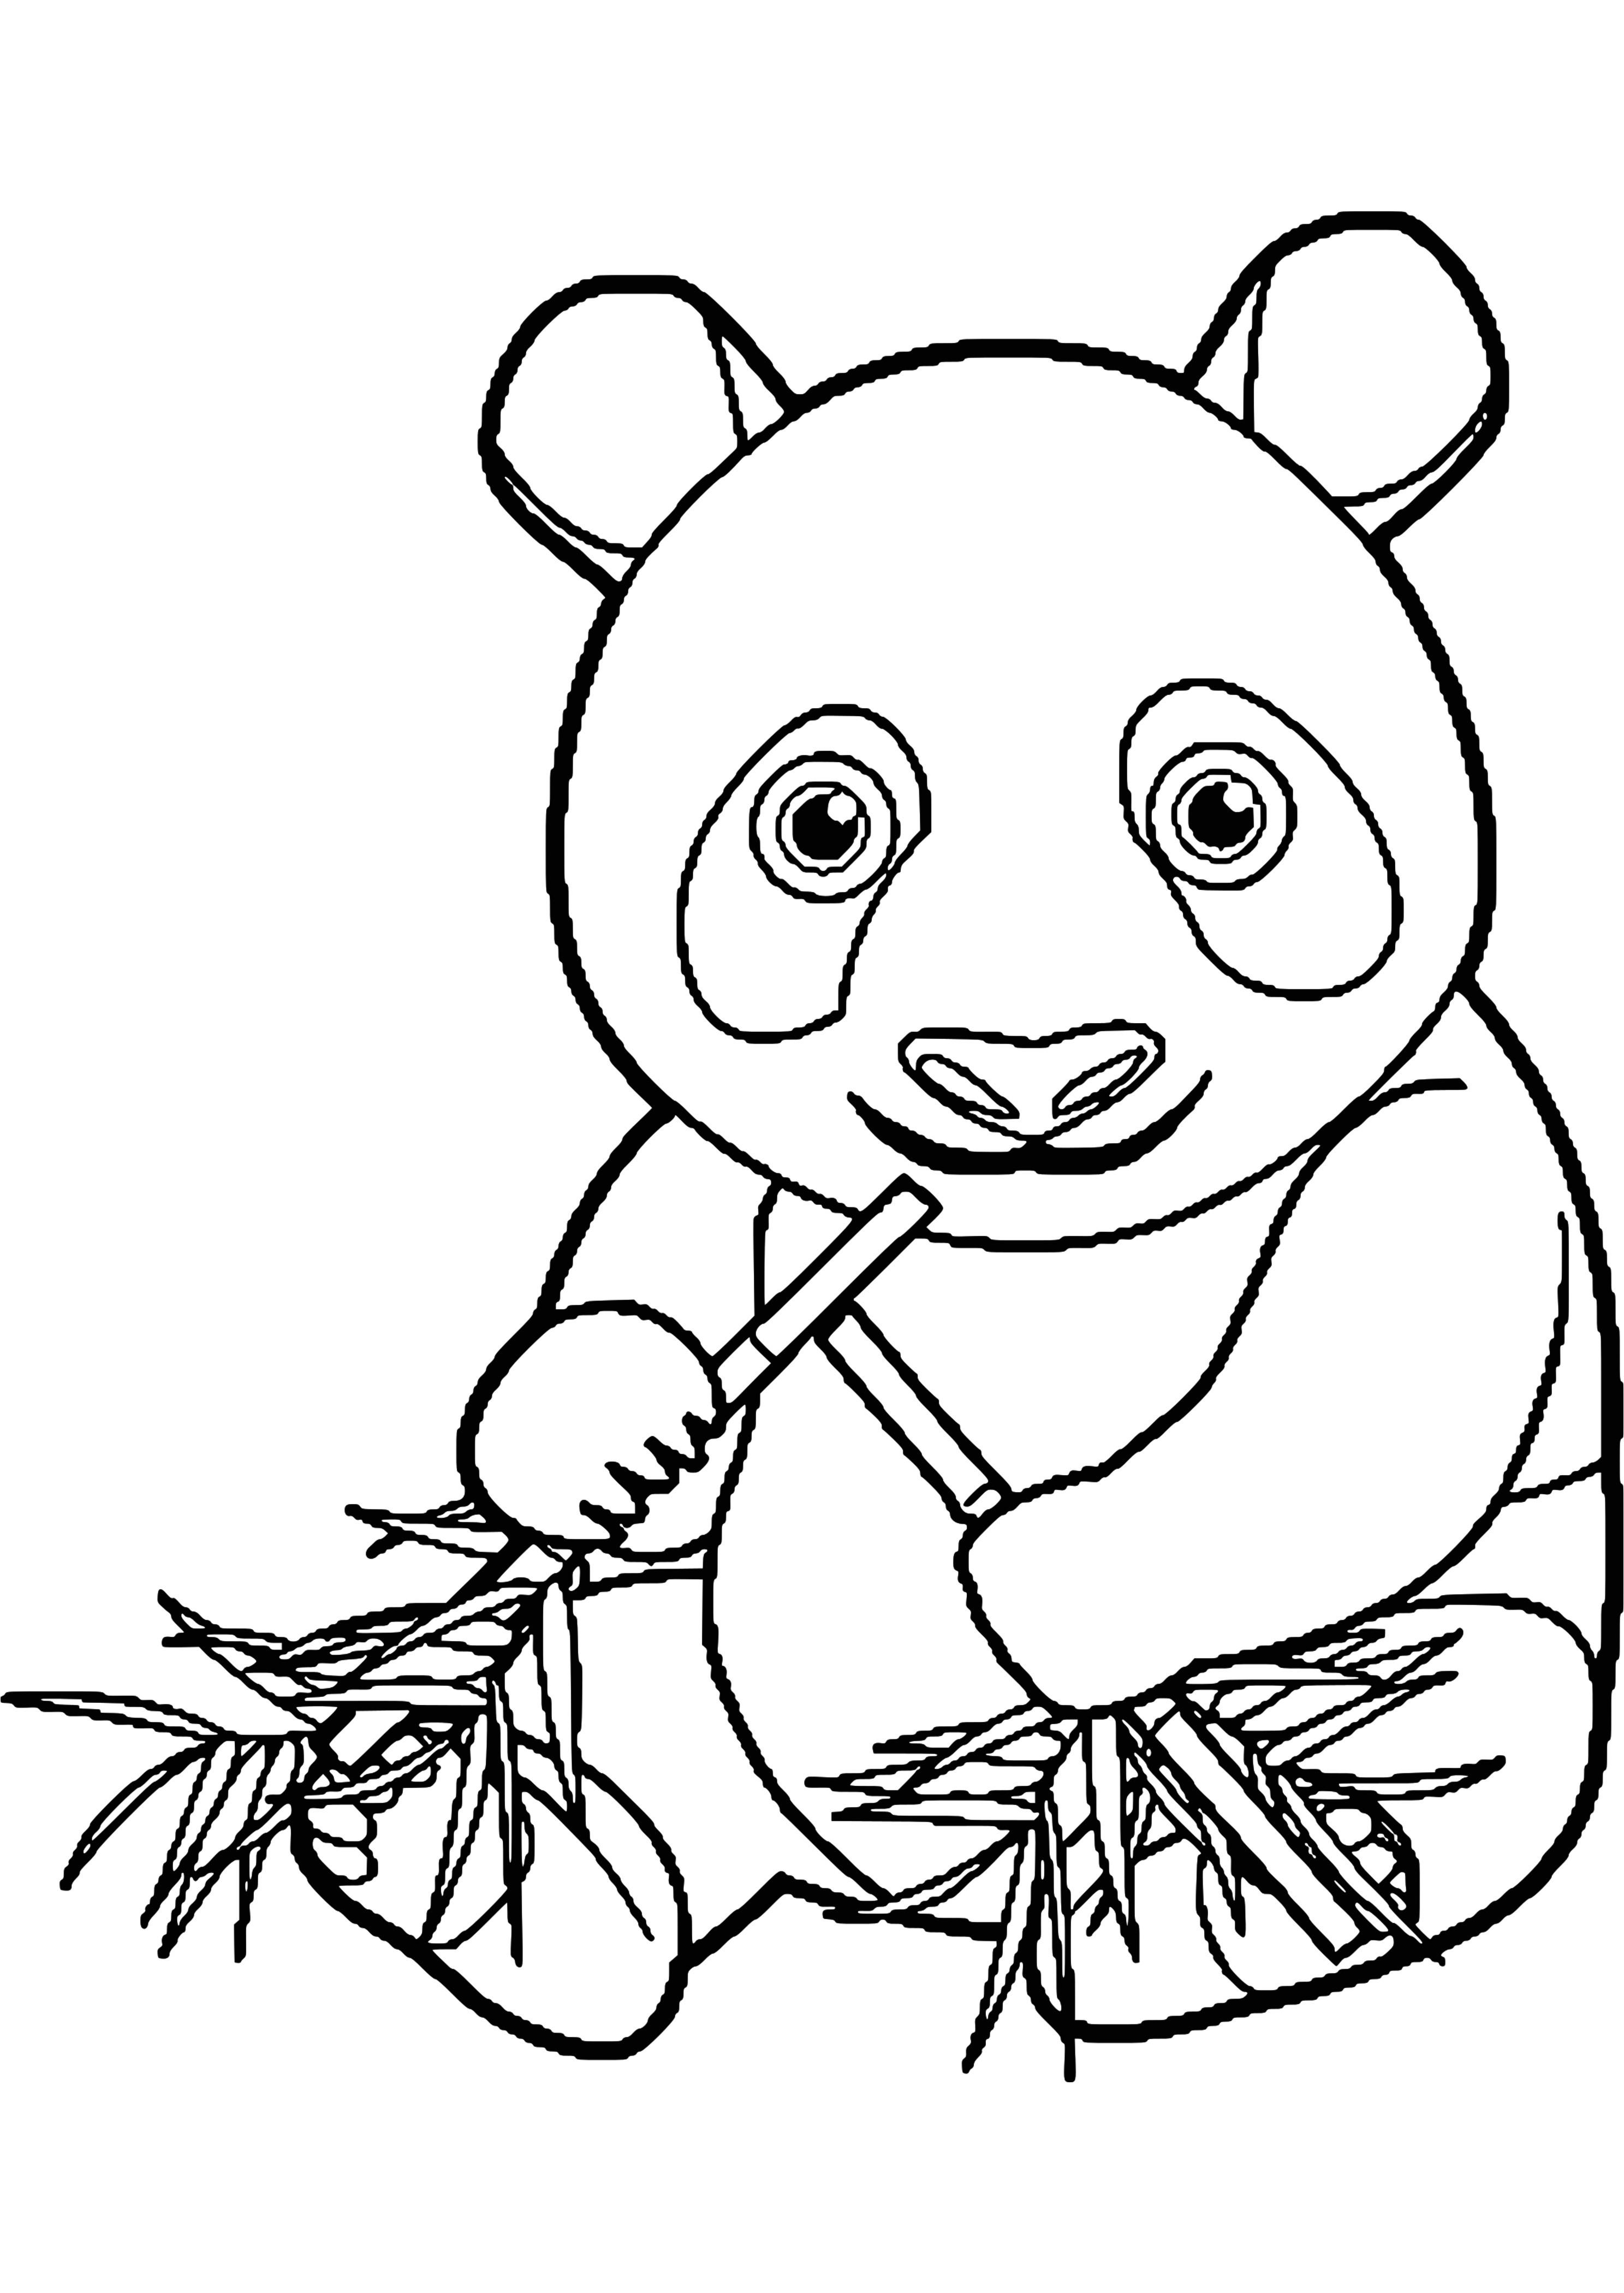 Coloriages à imprimer : Panda, numéro : 9ed6fbc9